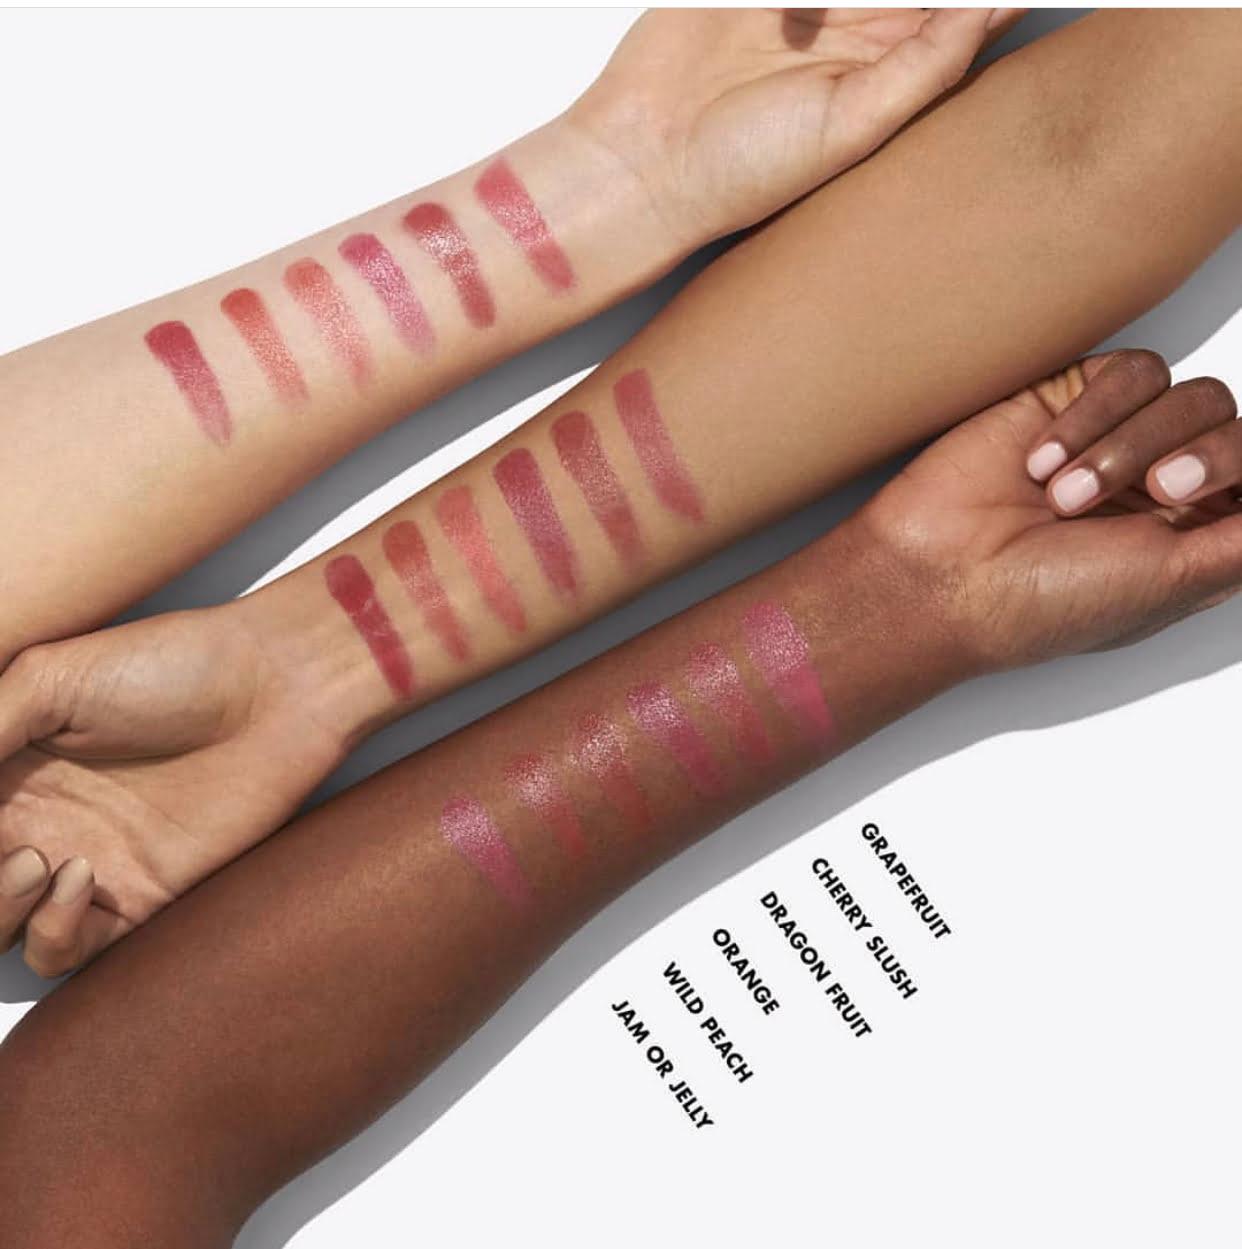 ELF Sheer Slick Lipstick